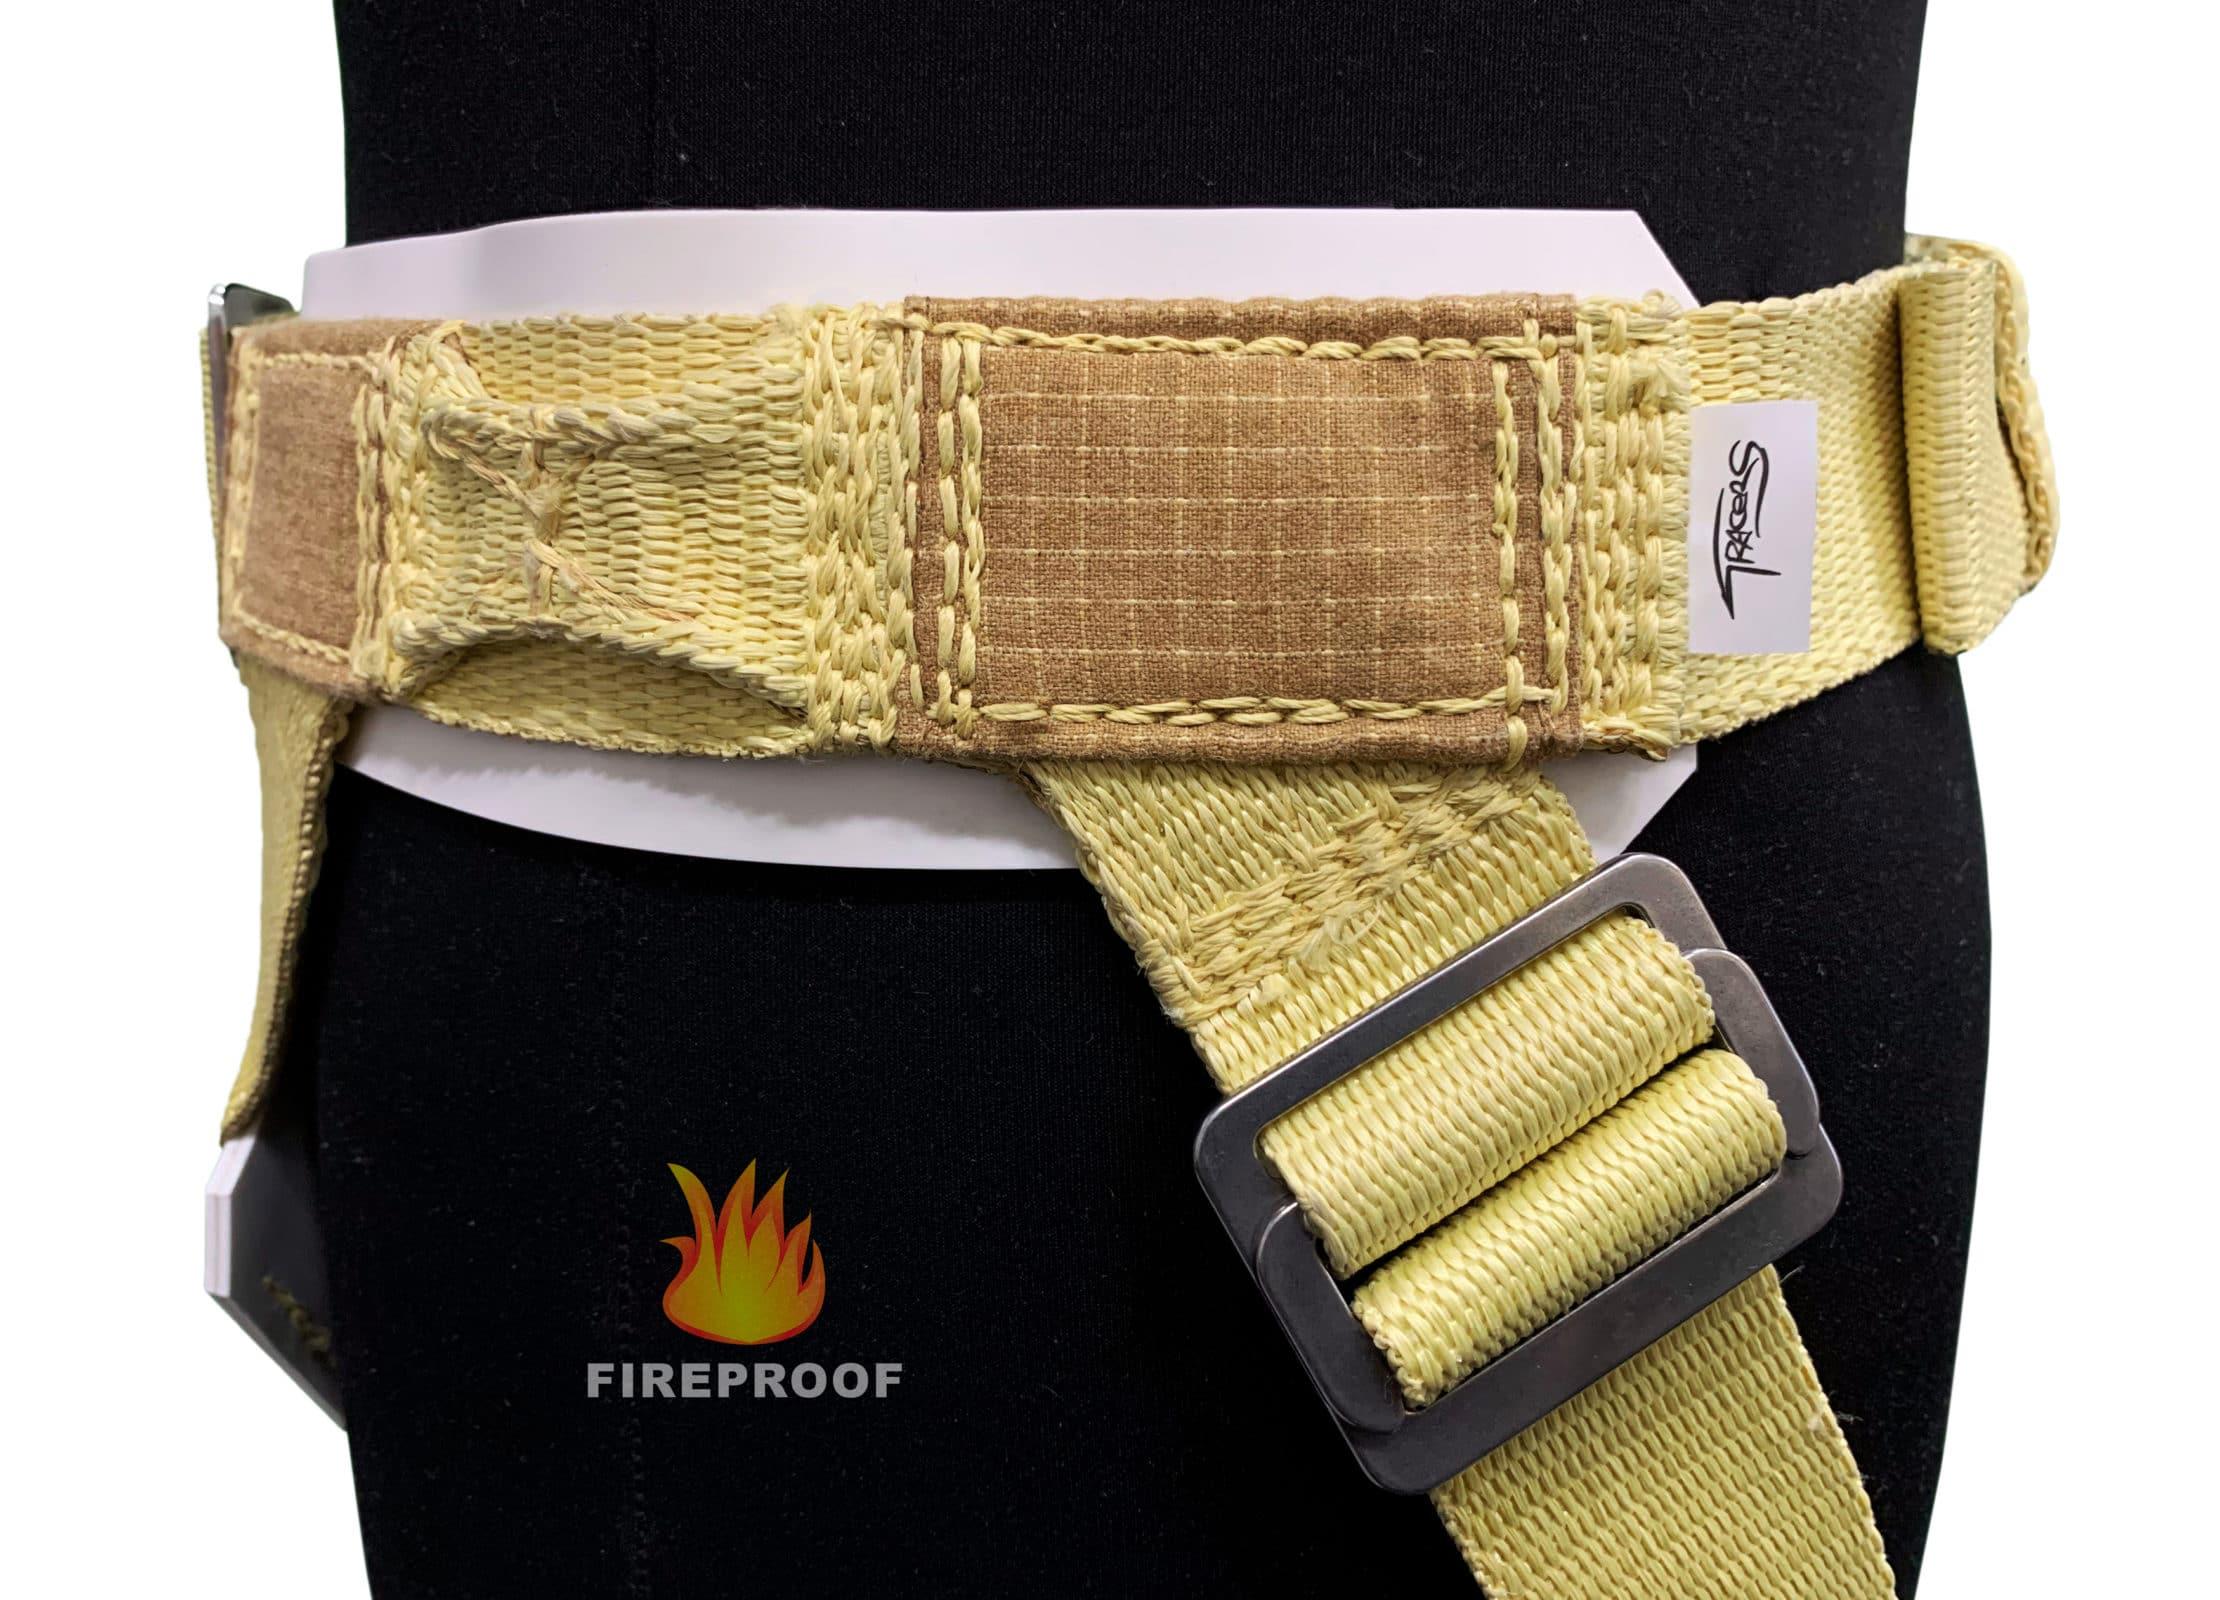 Stunt flying aramid-kevlar fireproof harnesses, full body burn, fireresistant